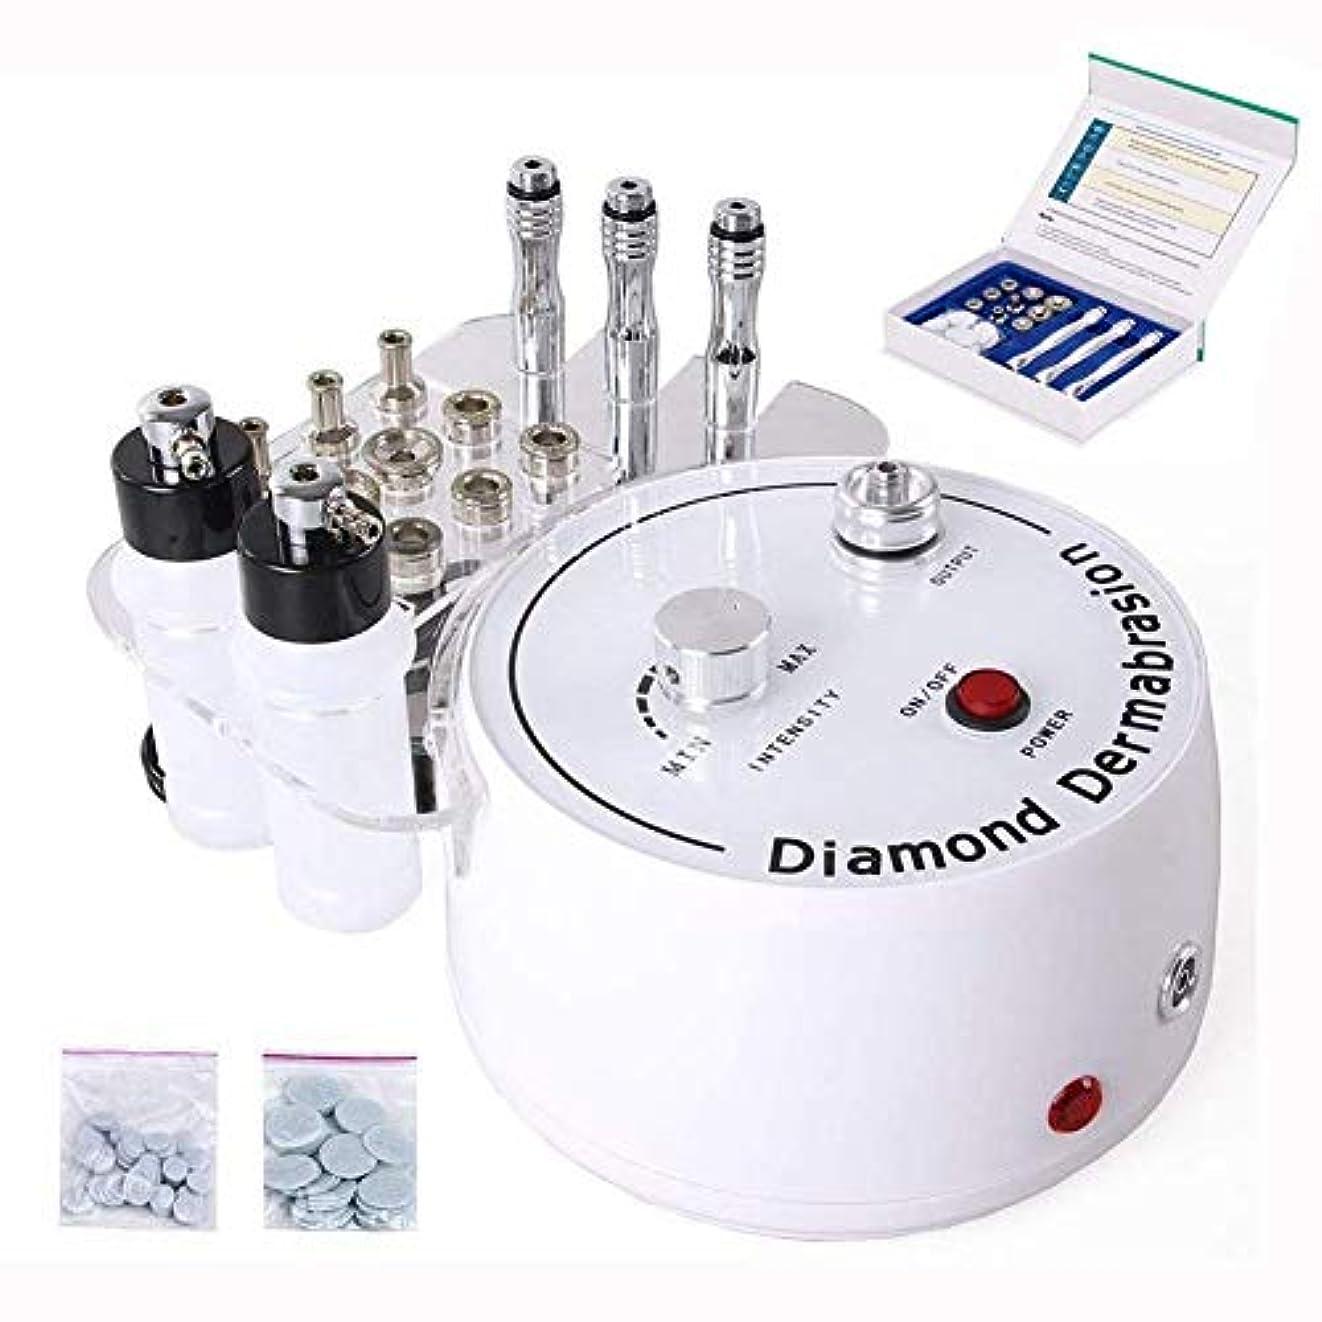 優しいパイント意味のあるダイヤモンドマイクロダーマブレーション皮膚剥離機、ピーリング美容機しわフェイスピーリングマシン、専門の皮膚剥離装置肌用美容機器を引き締め若返りリフティングピーリング